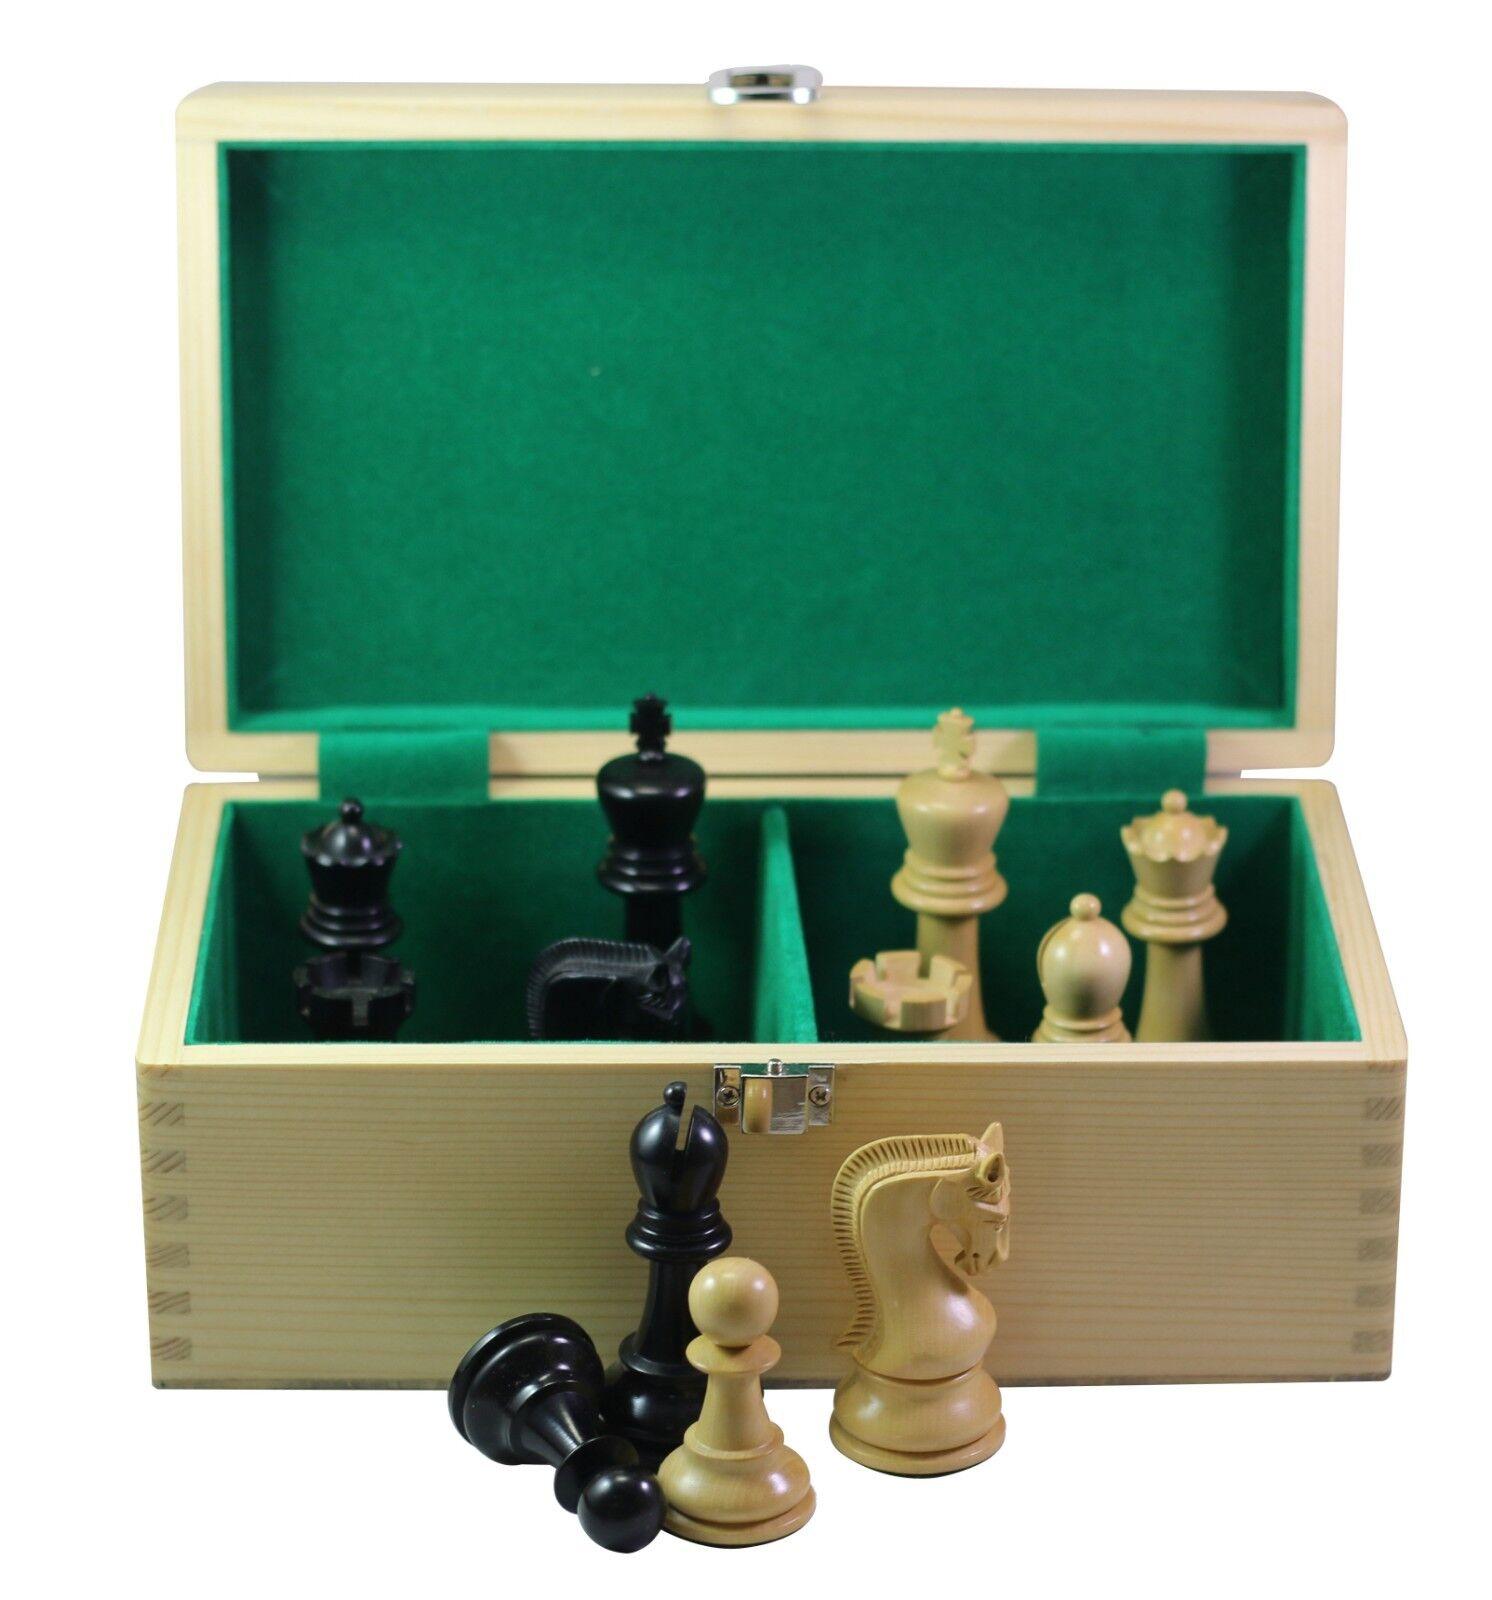 LENINGRADE Staunton 4   Ebonised et Boîte en Bois Pièces d'échecs avec Boîte de rangeHommest  vente en ligne